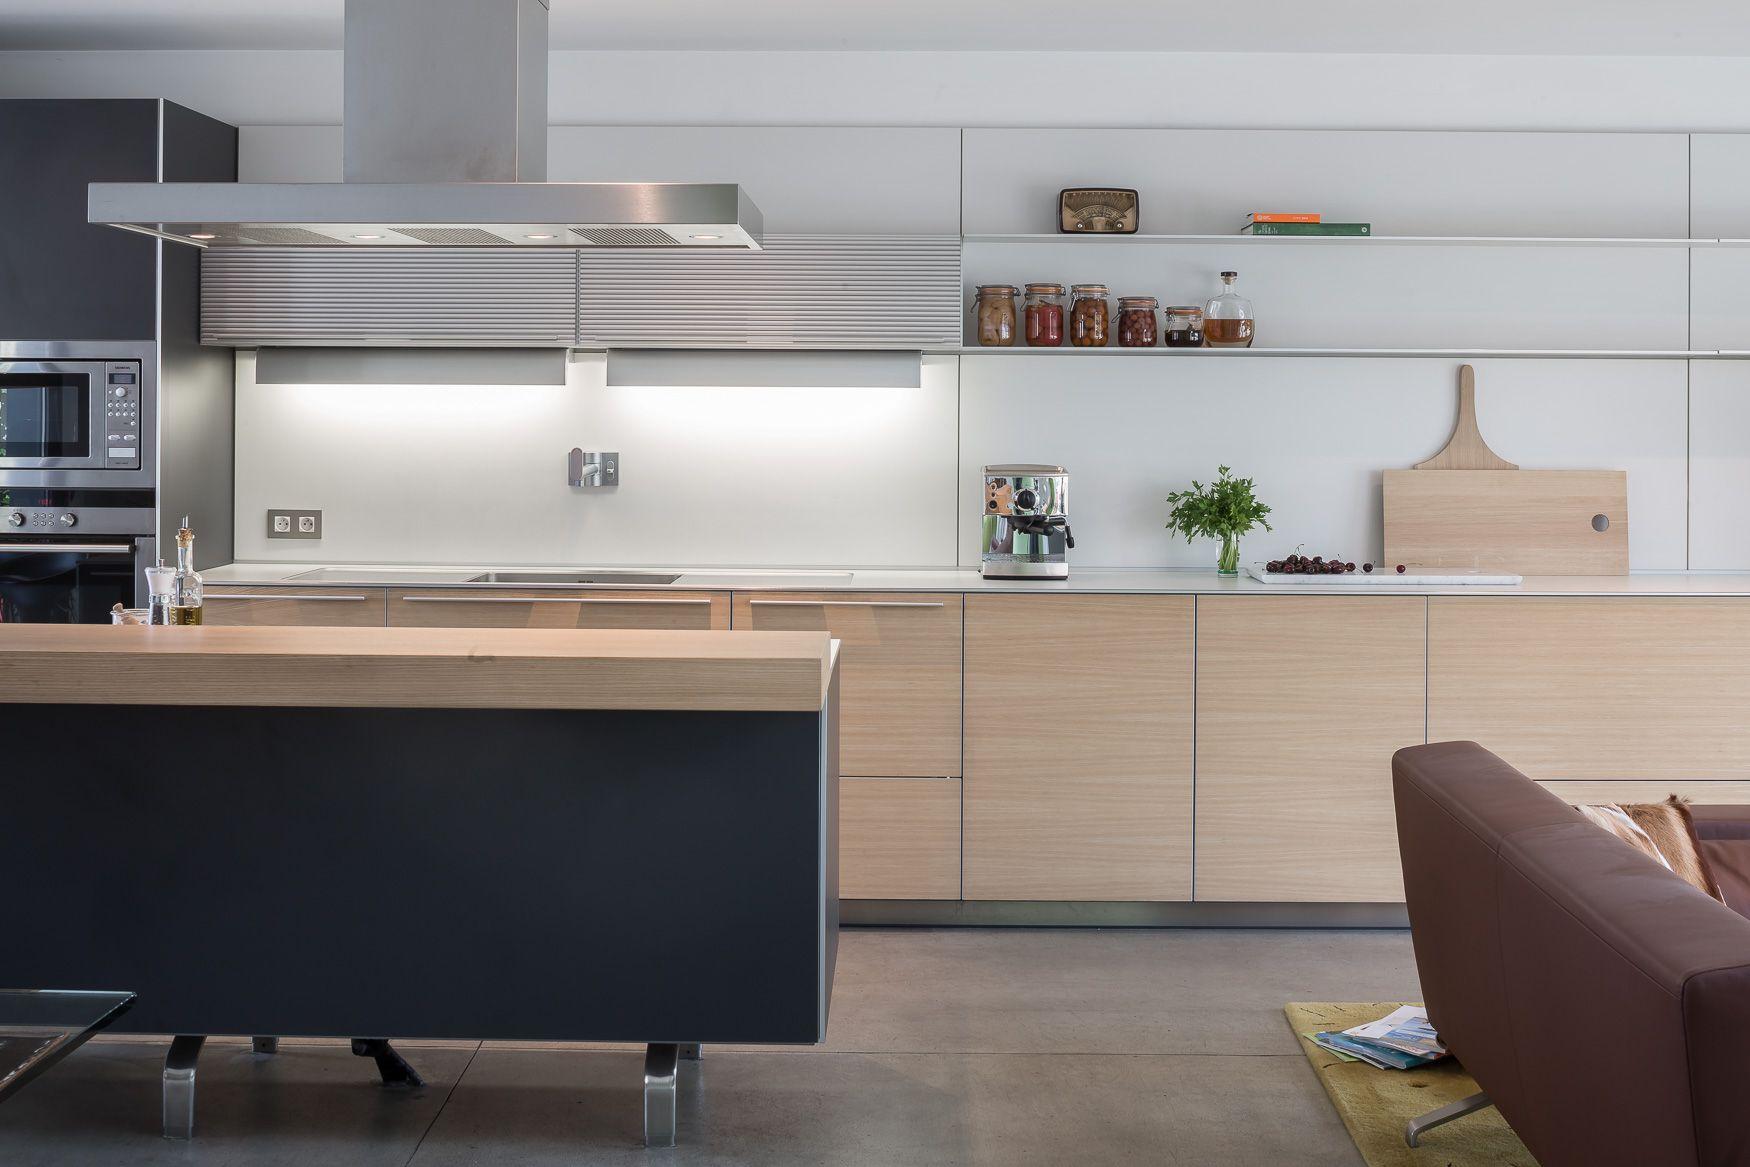 Bulthaup B3 Keuken : Bulthaup rechte keuken house for sale eiber hc zuid